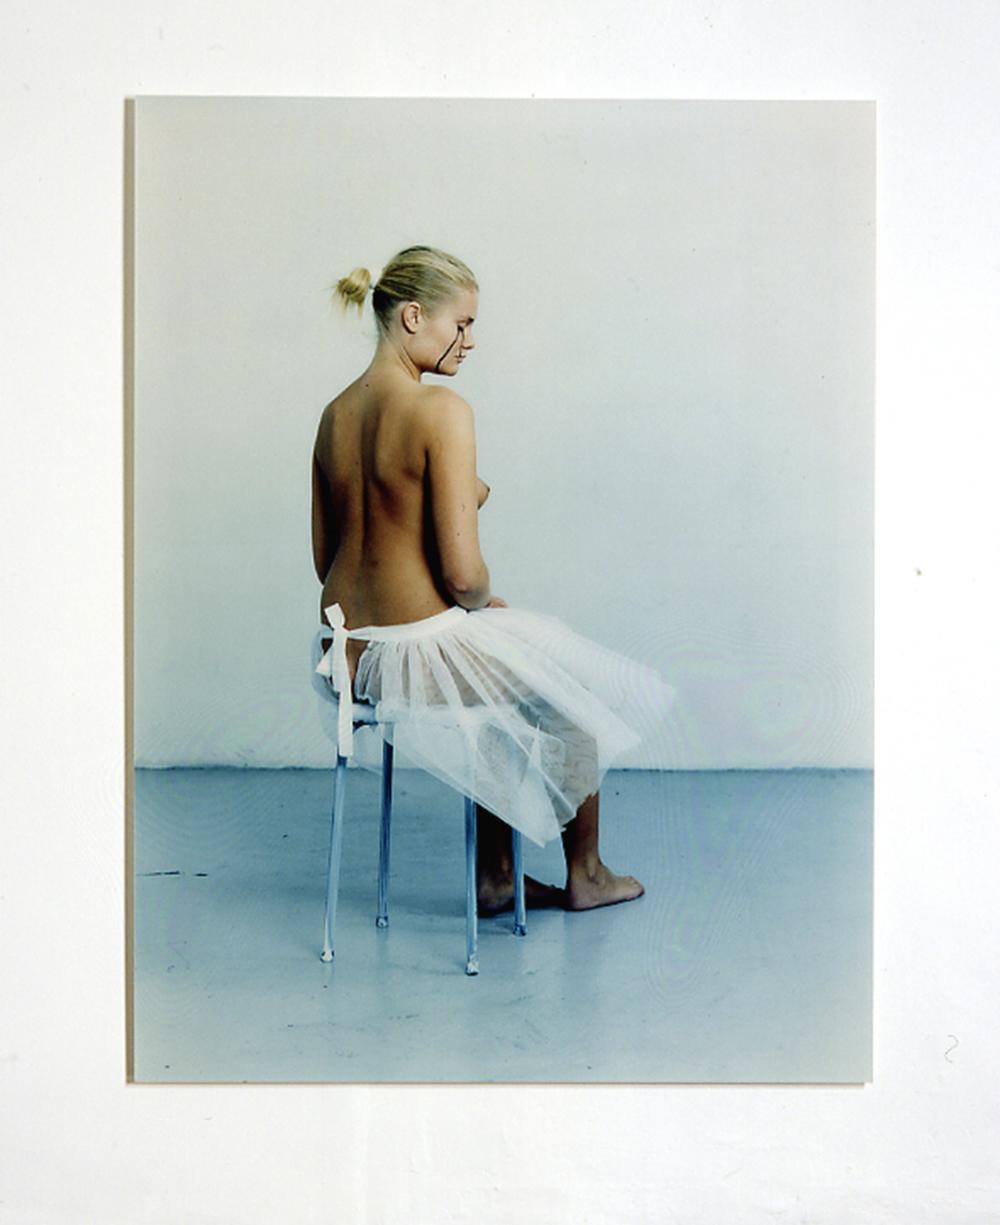 Kari, 2002, stampa digitale a colori, cm 189x143